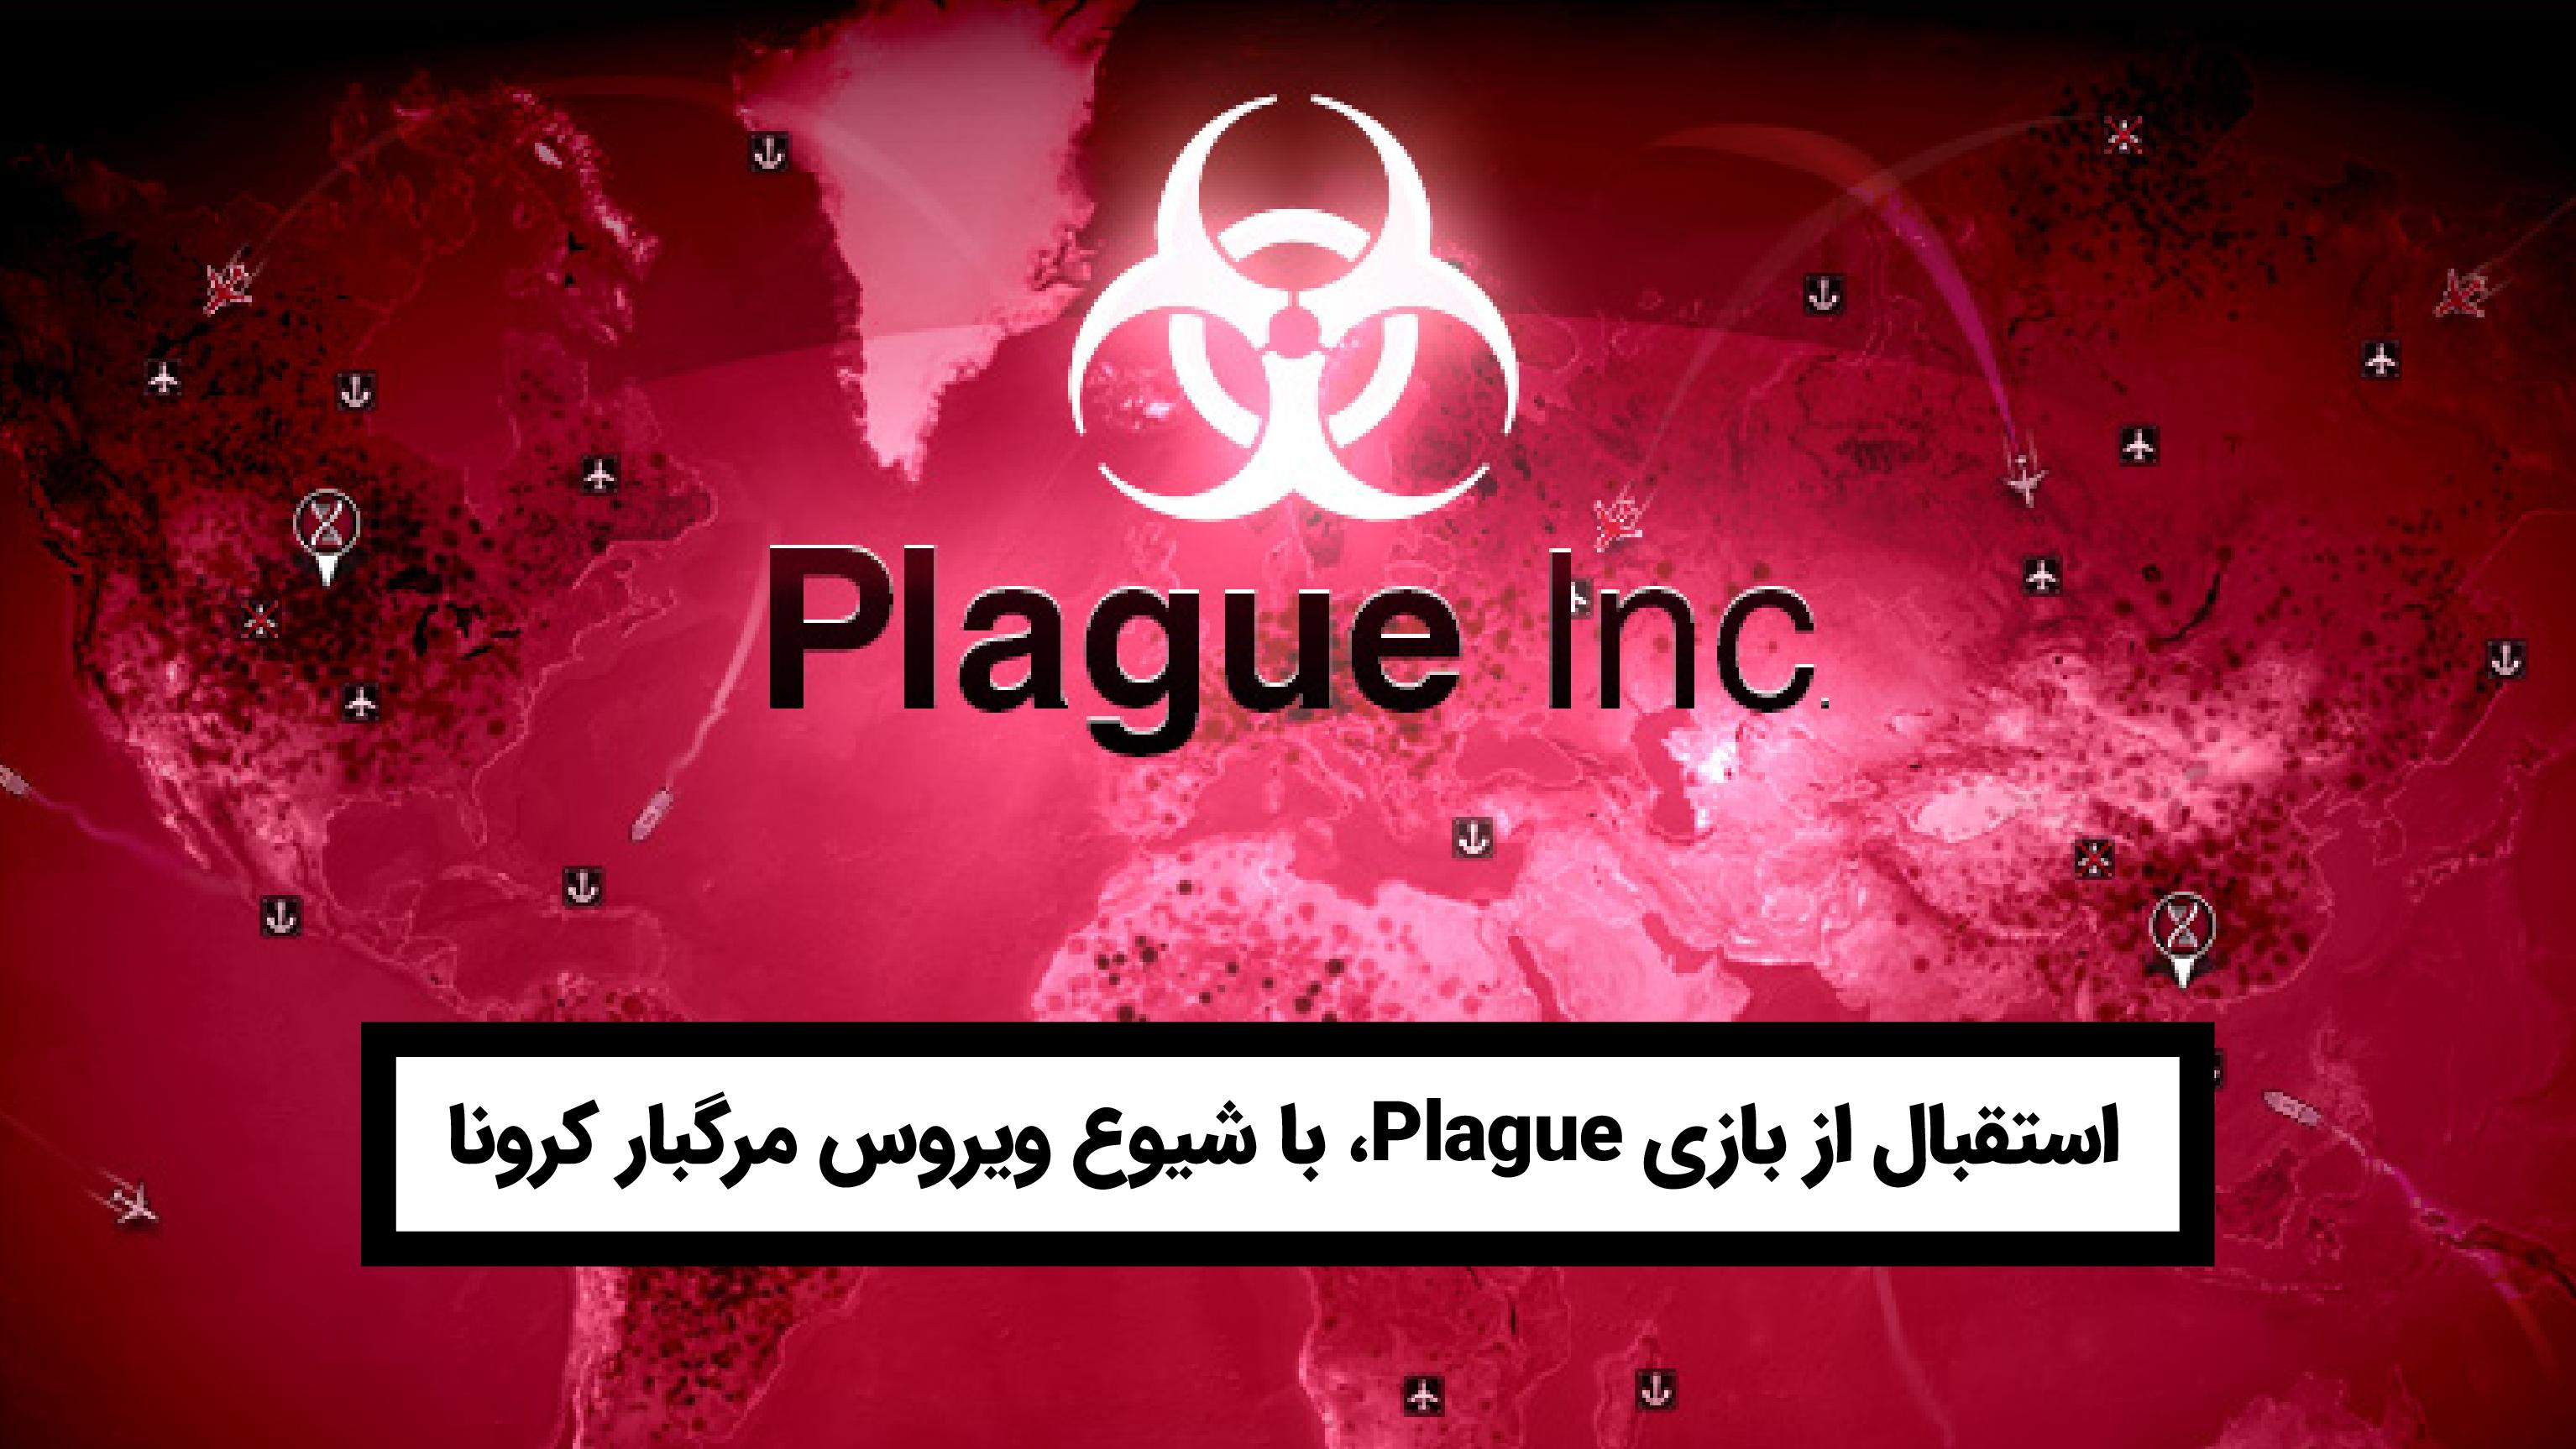 ویروس کرونا و بازی Plague